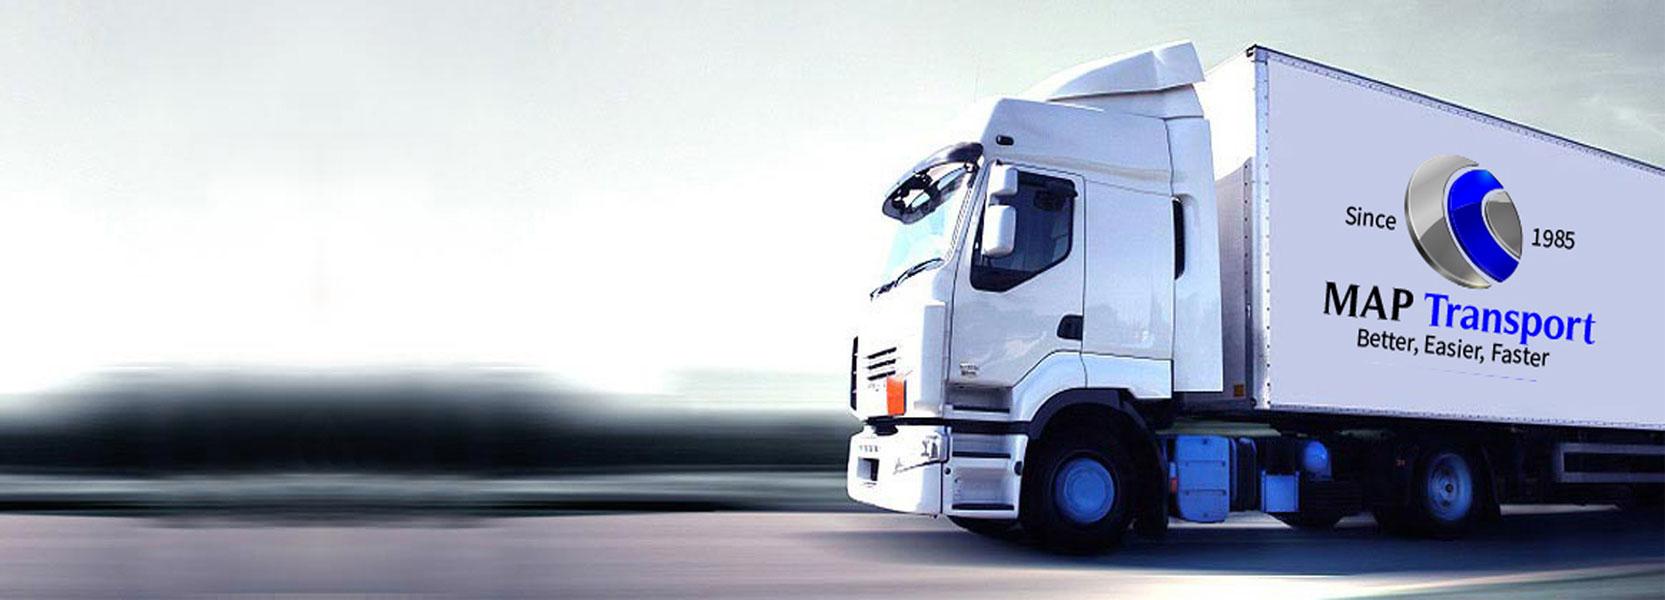 MAP Transport camión sostenible